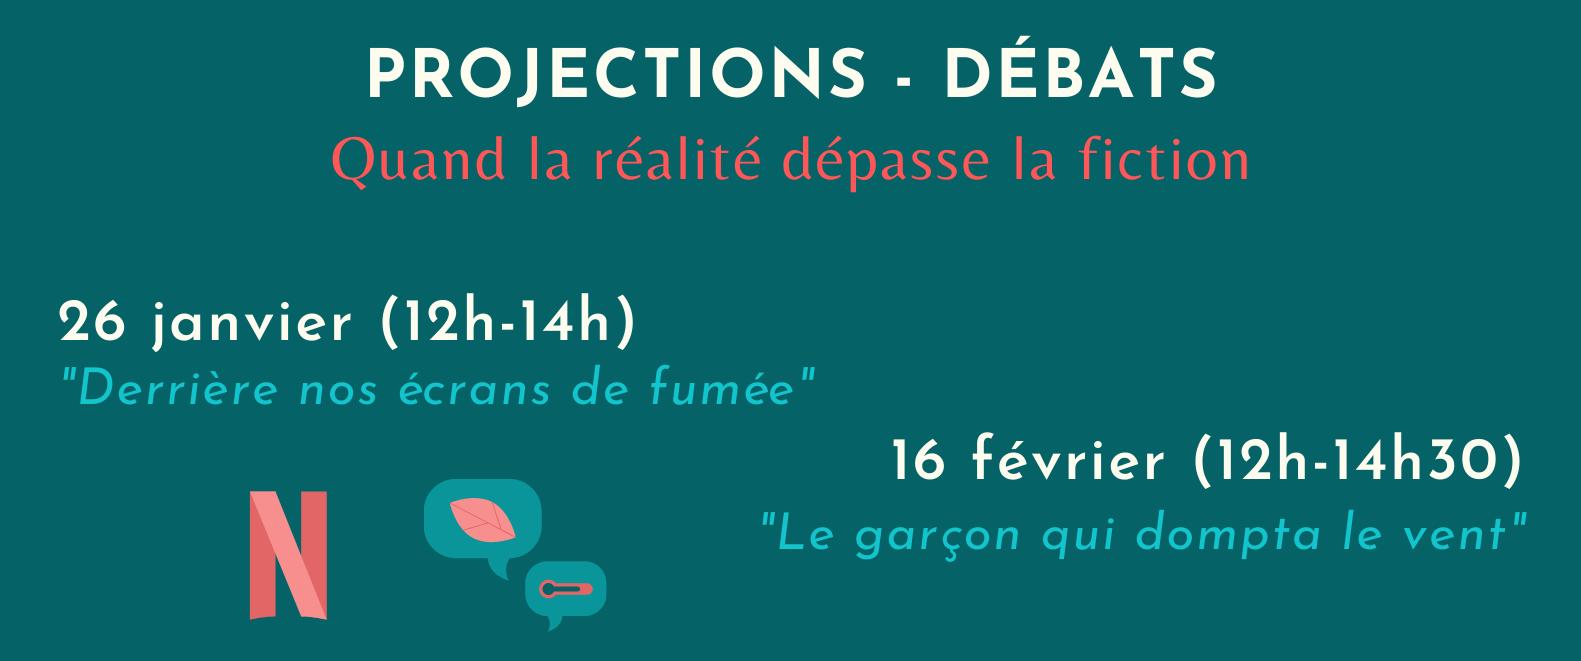 Quand la réalité dépasse la fiction - Projections & débats